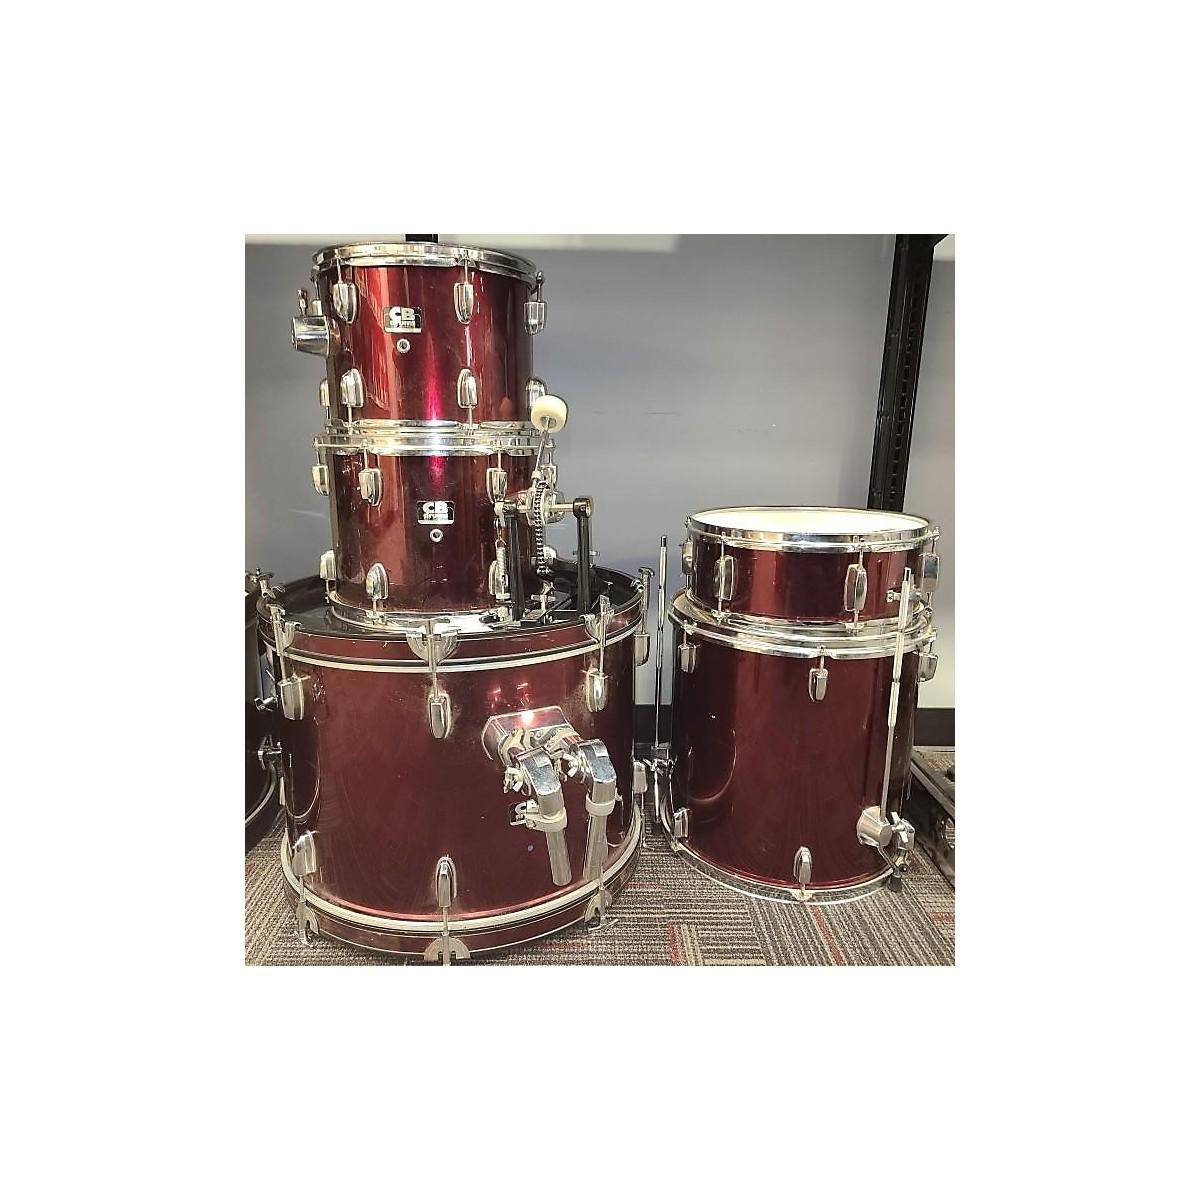 CB Percussion SP Series Drum Kit